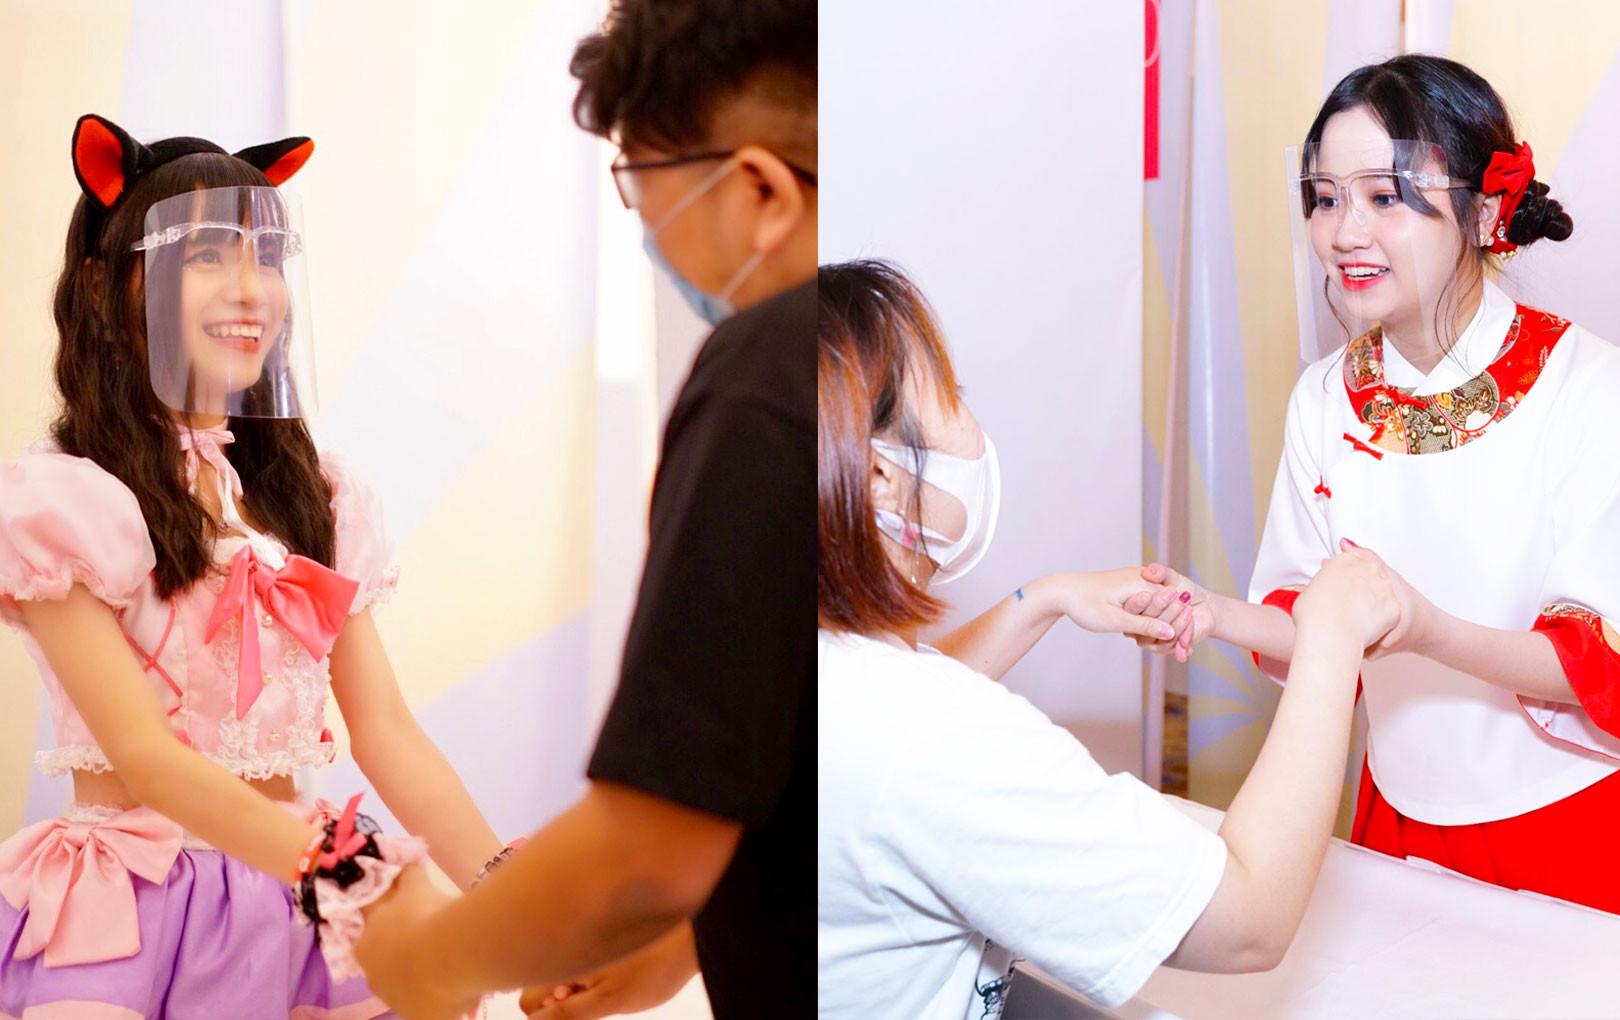 """Fan SGO48 sẵn sàng """"đập hộp"""" 1000 single 2 tại sự kiện Handshake để """"bắt tay"""" idol"""